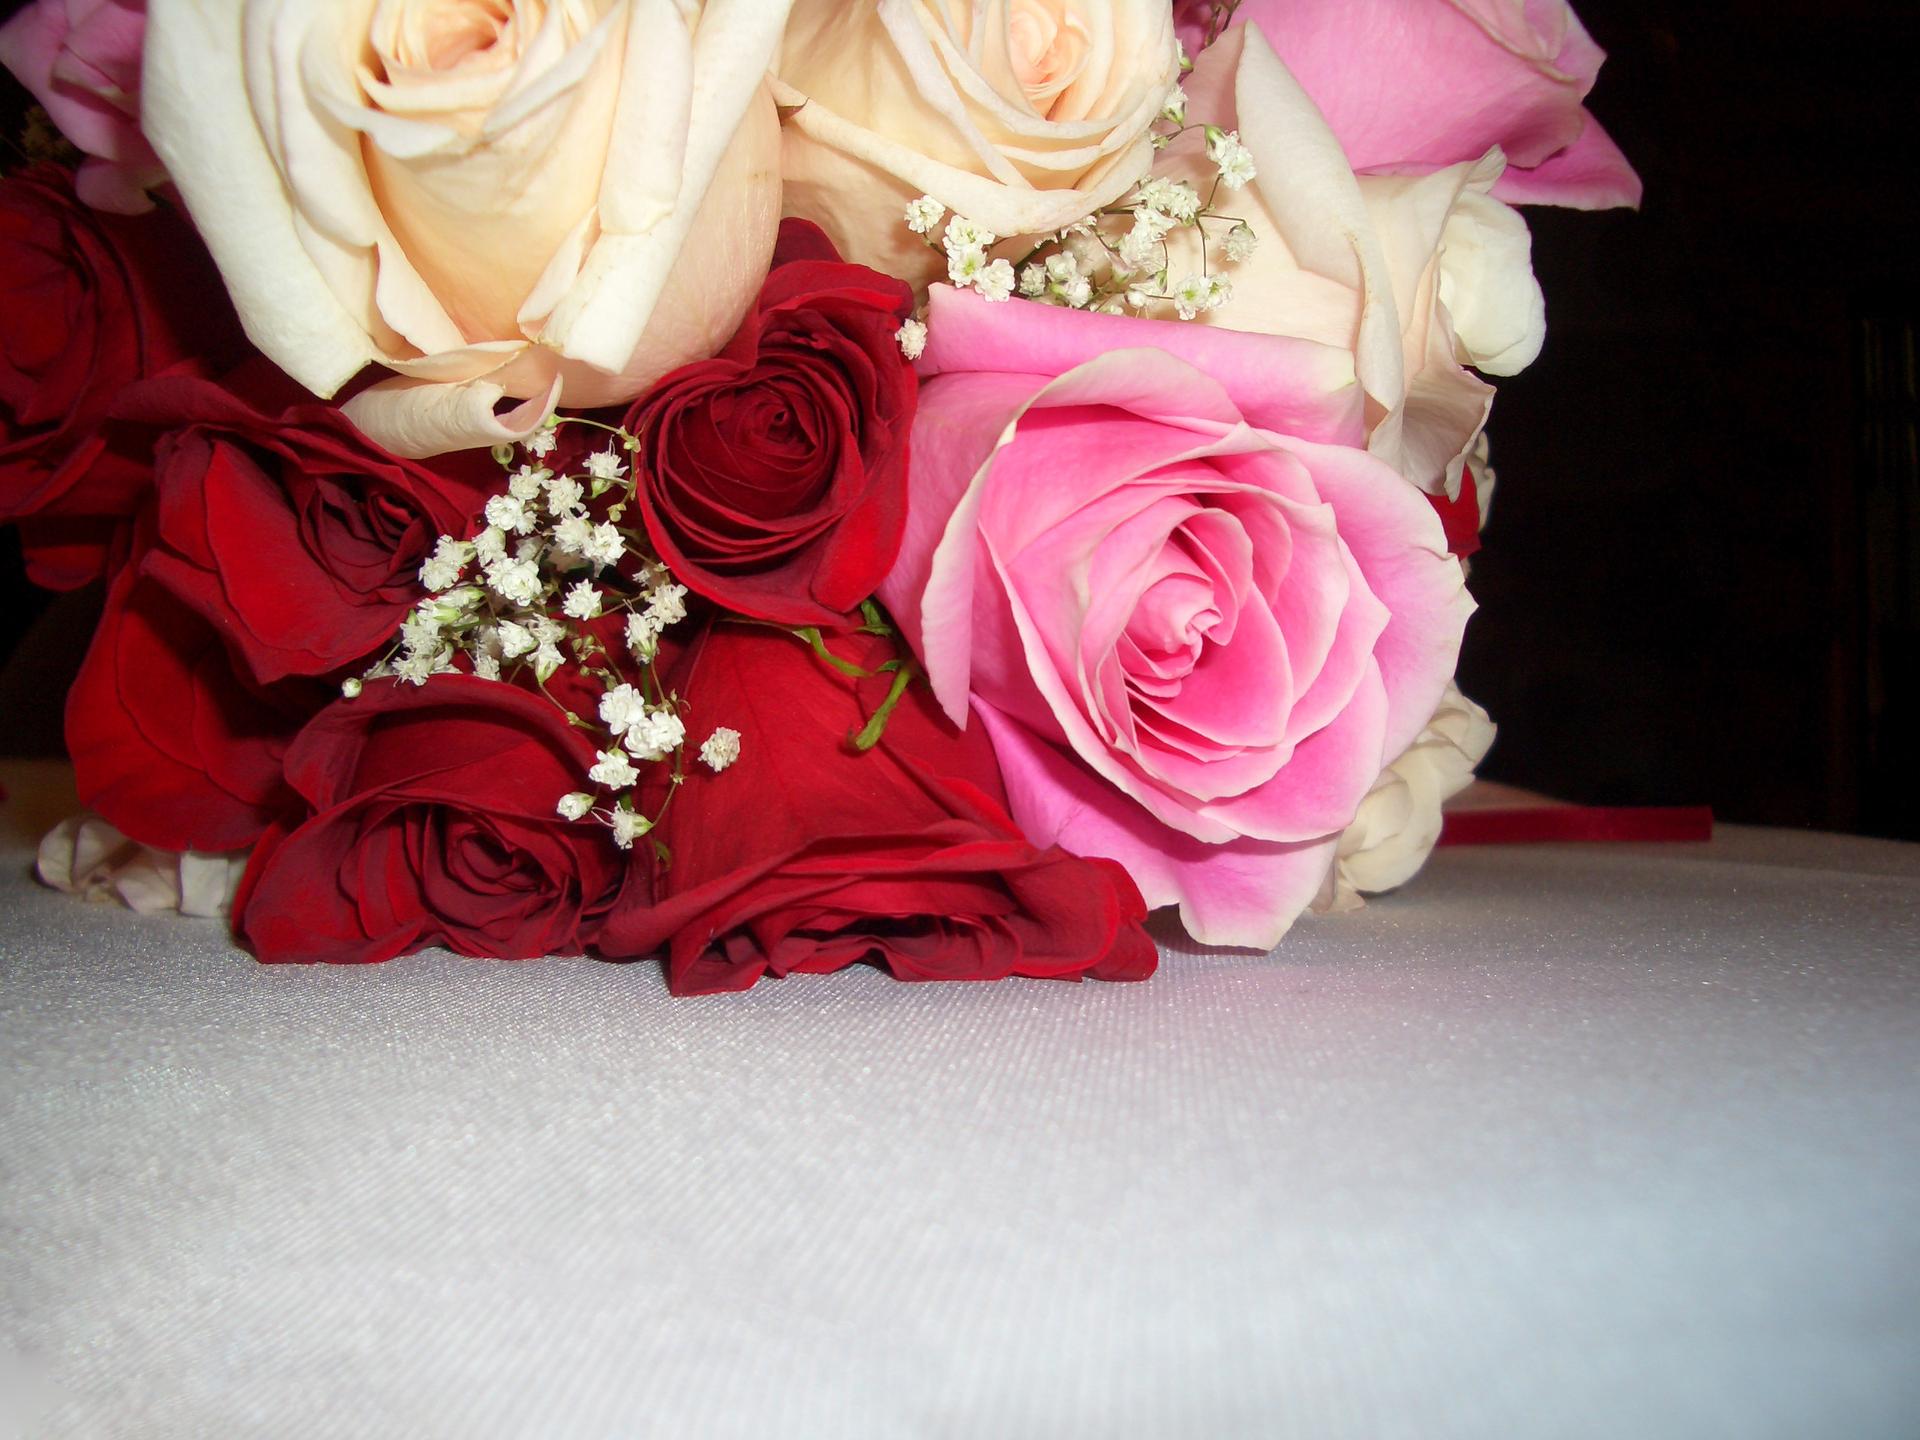 Easy Valentine's Day centrepiece